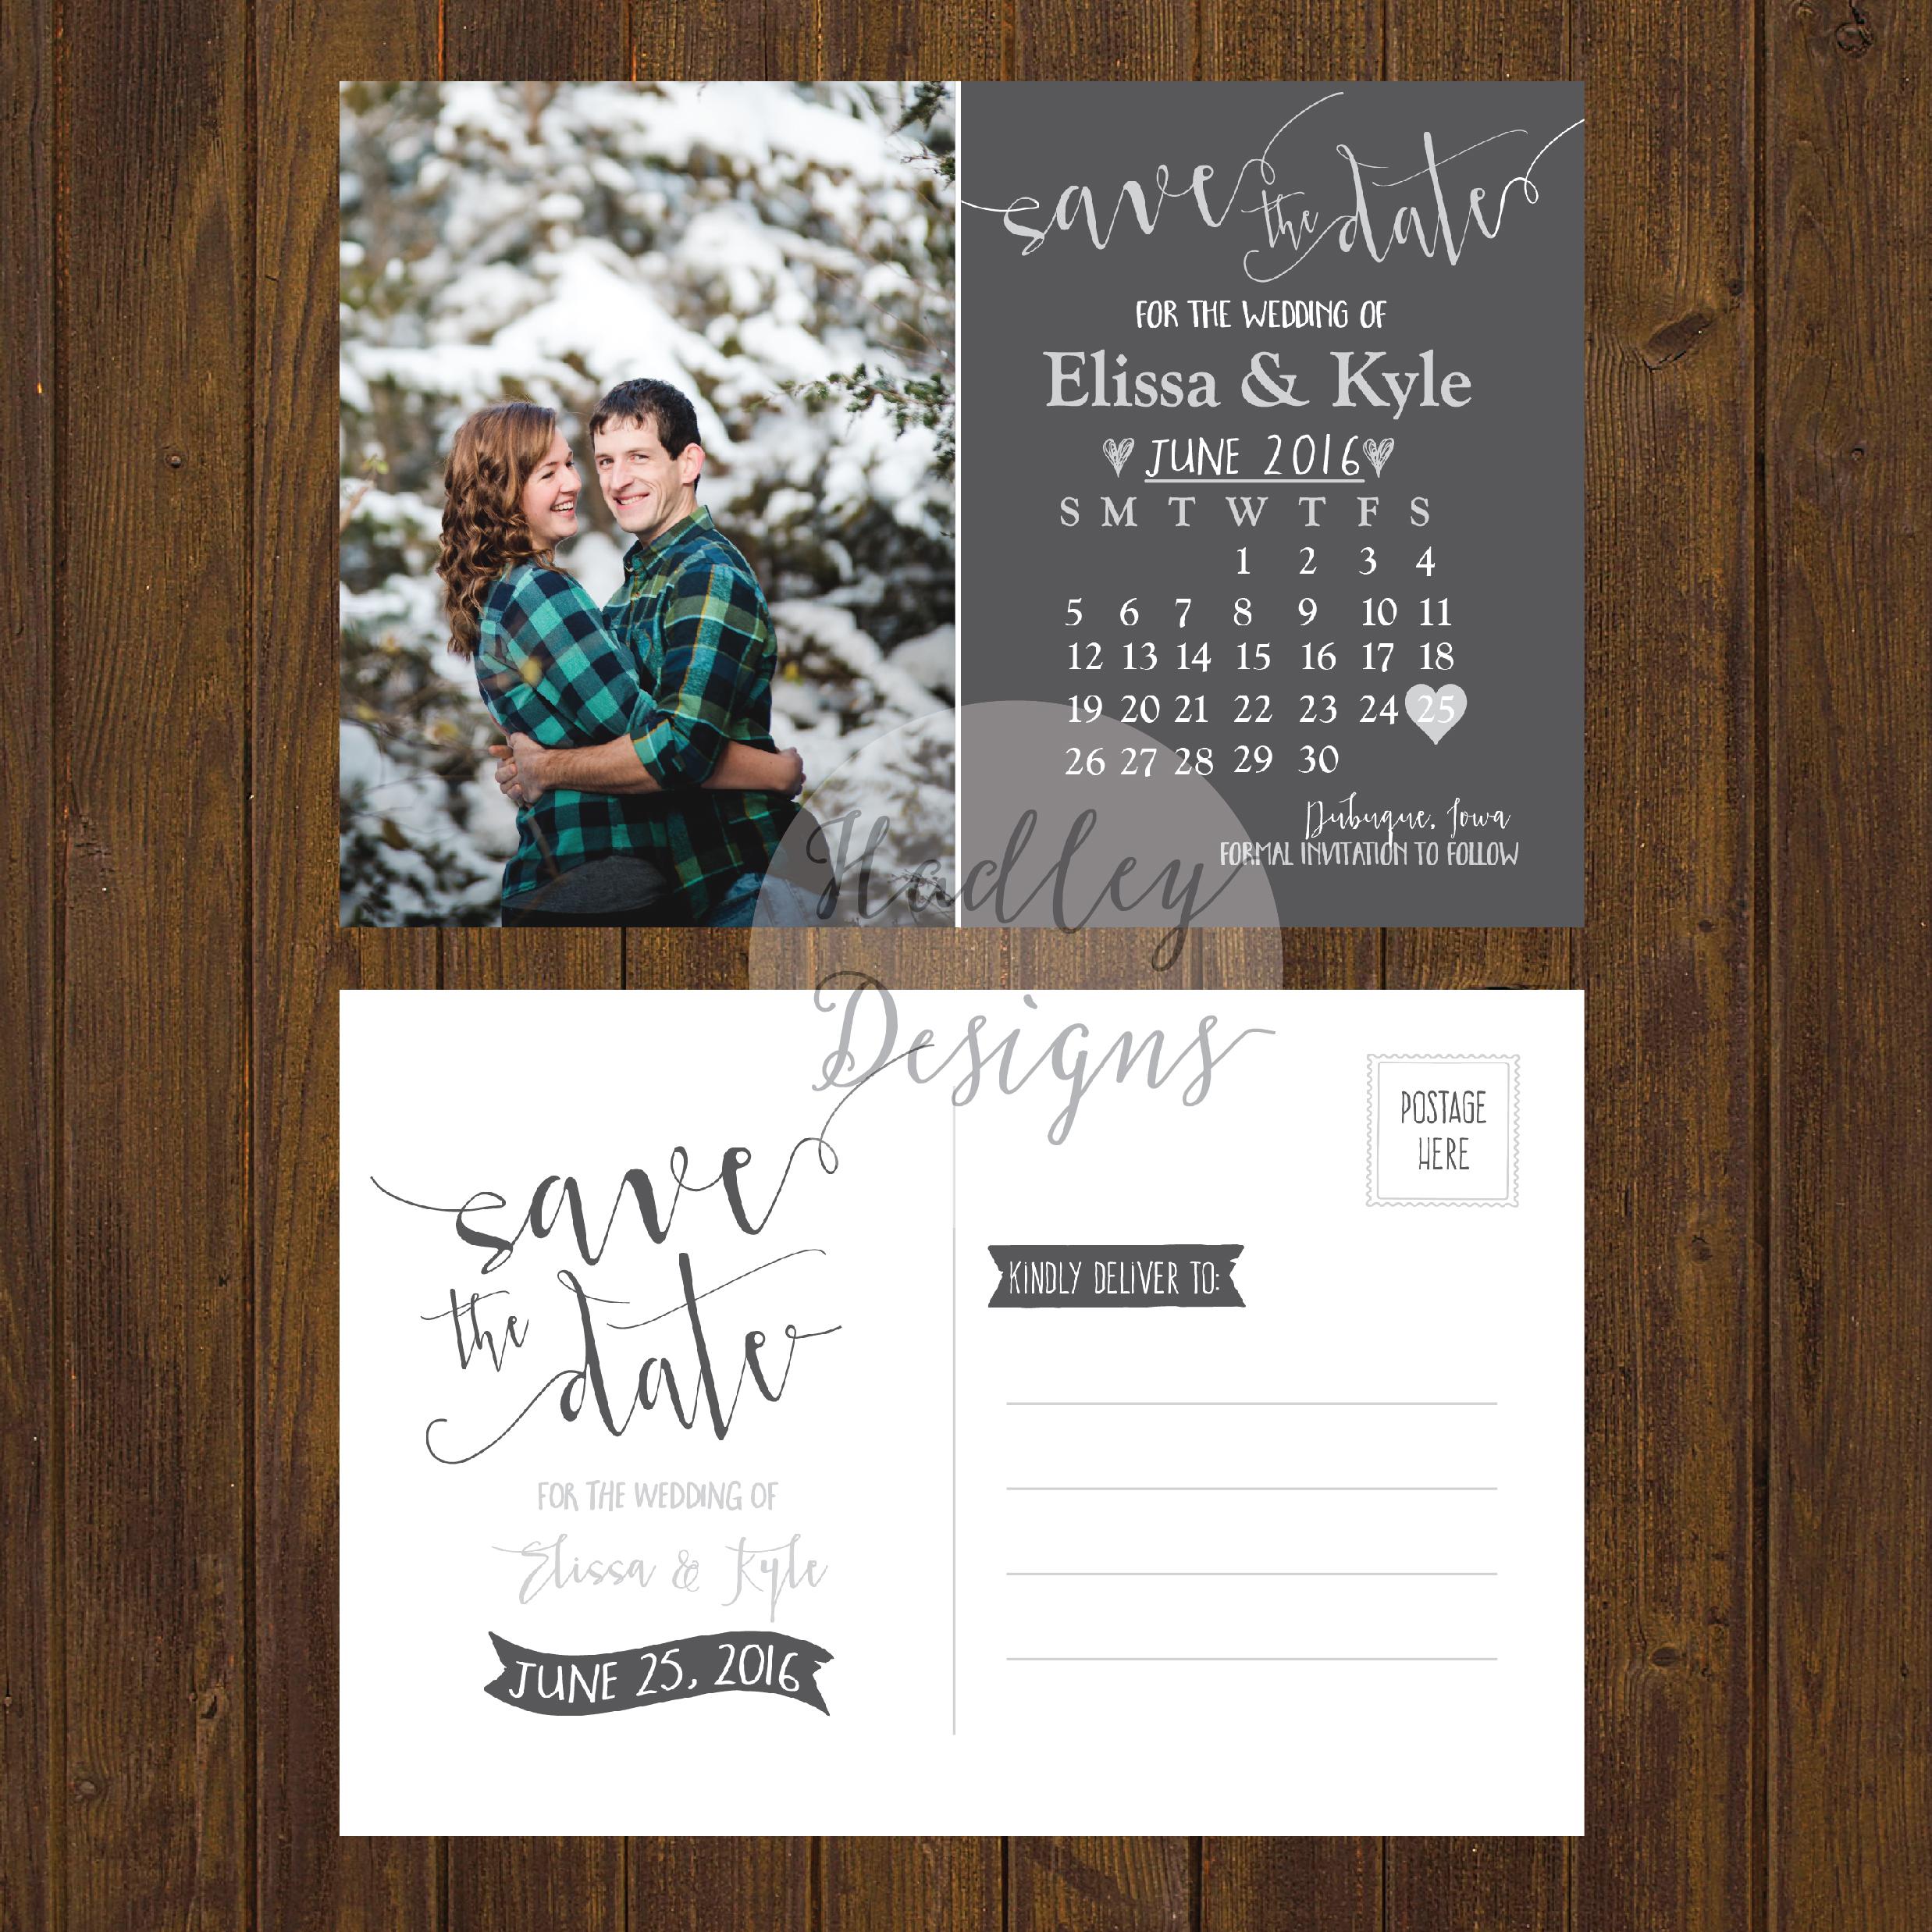 Save Weekend Wedding Cards